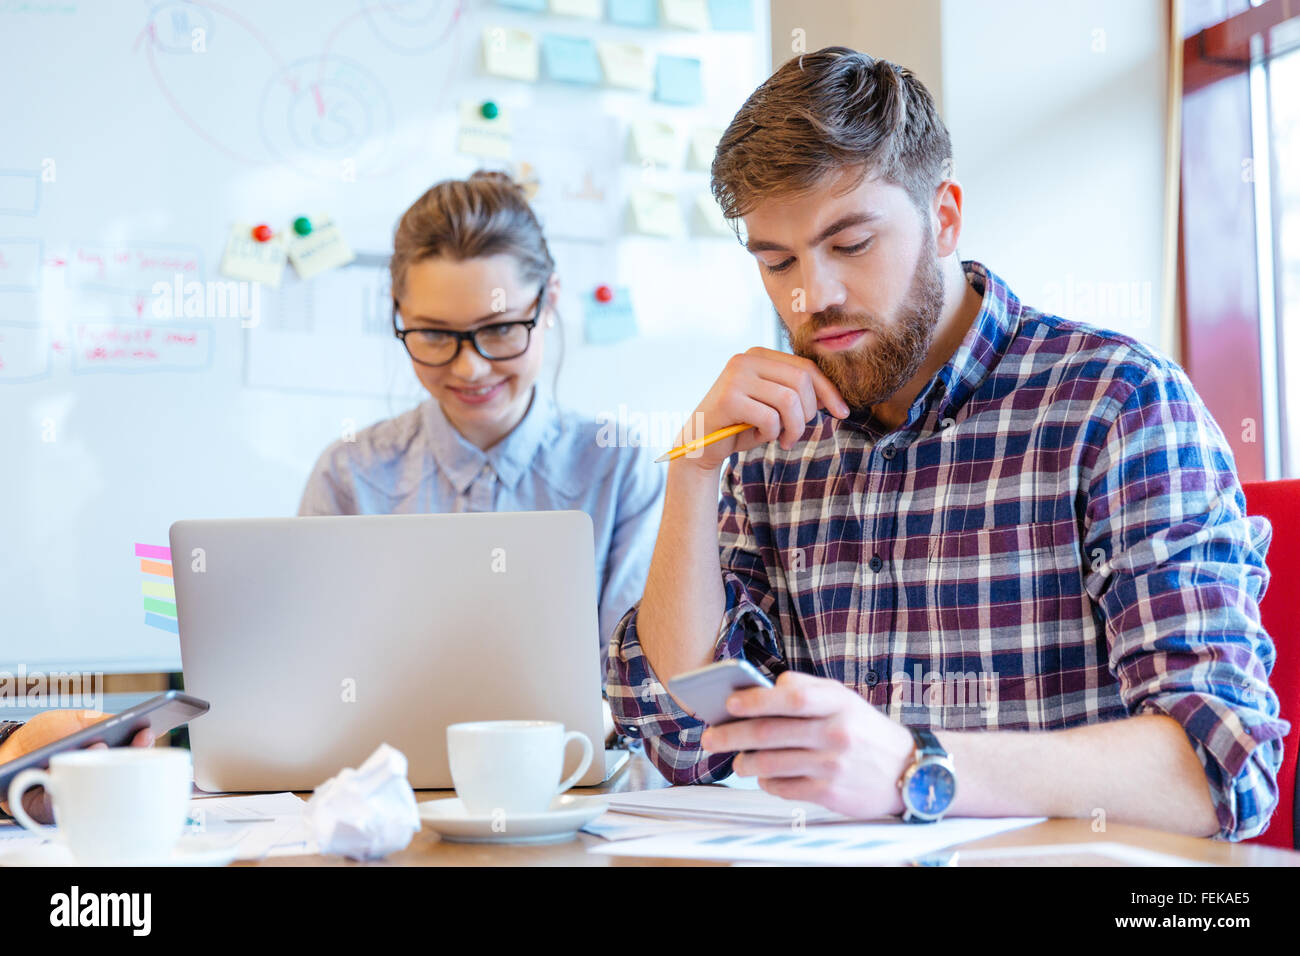 Junge Geschäftsleute, die im Büro arbeiten Stockbild